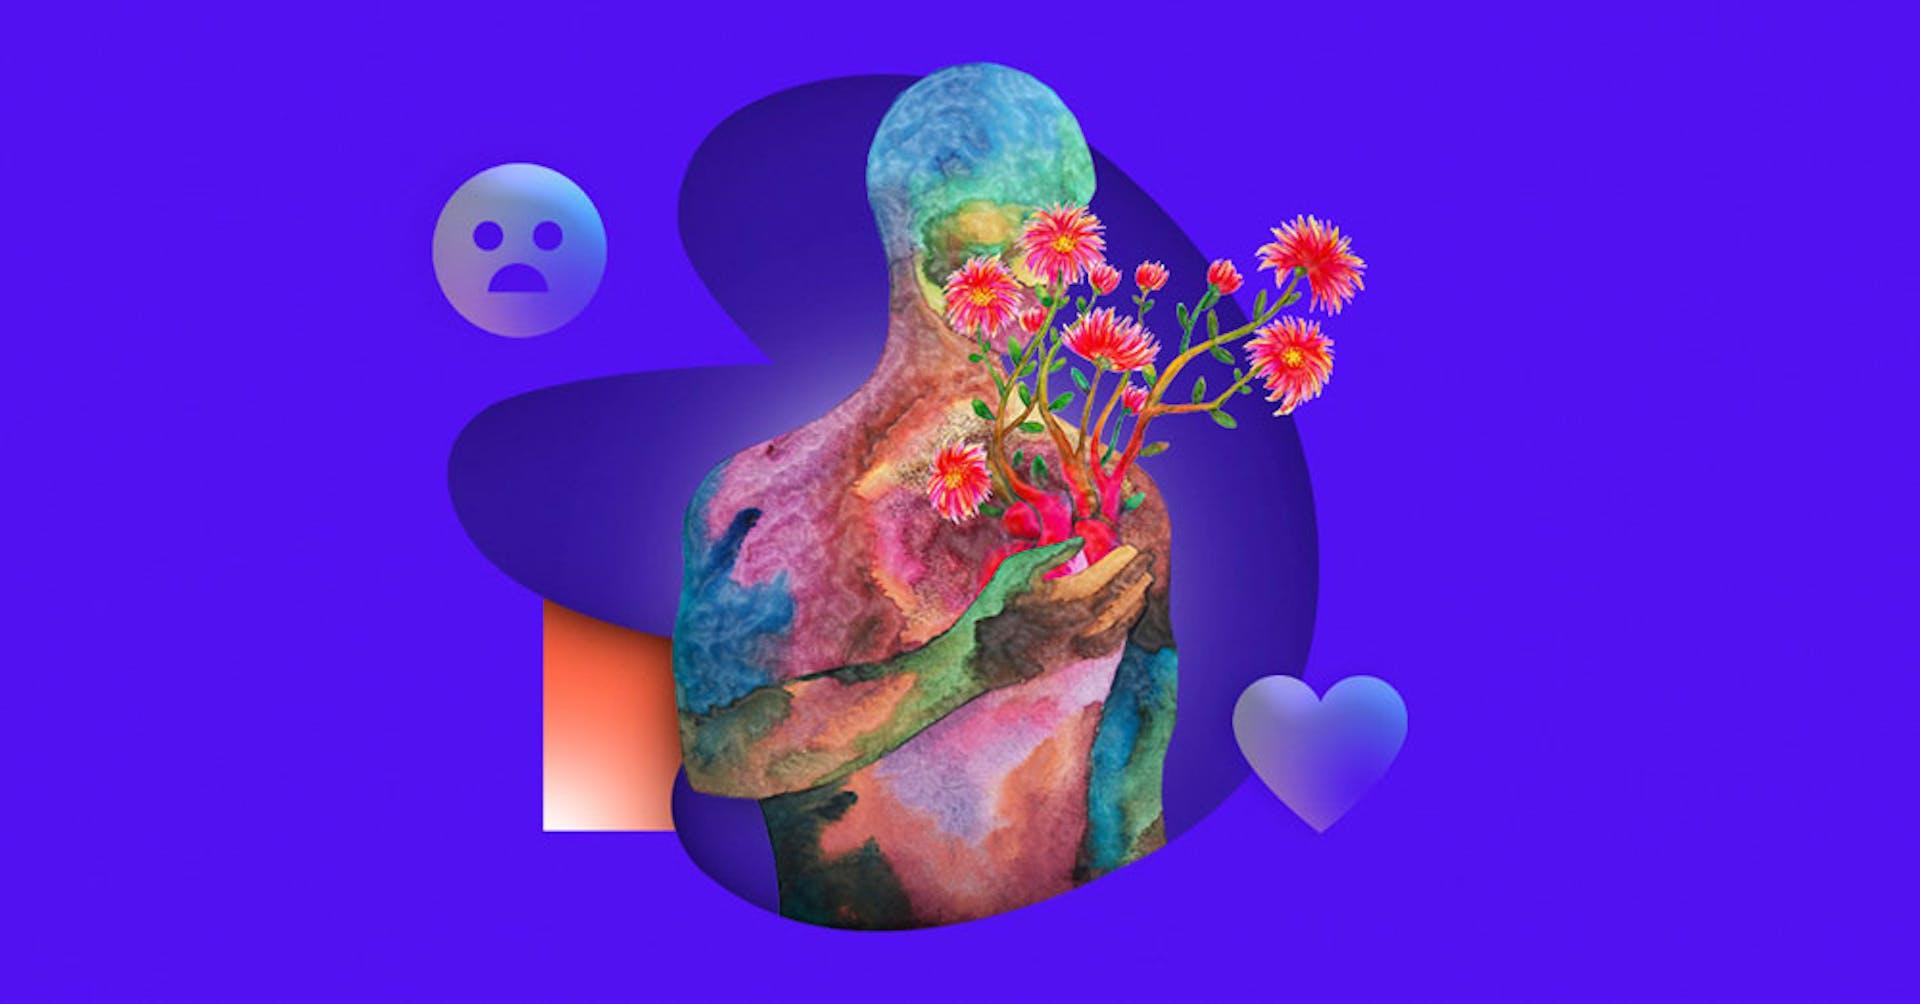 +27 Tipos de emociones que tienes que conocer para mejorar tus relaciones